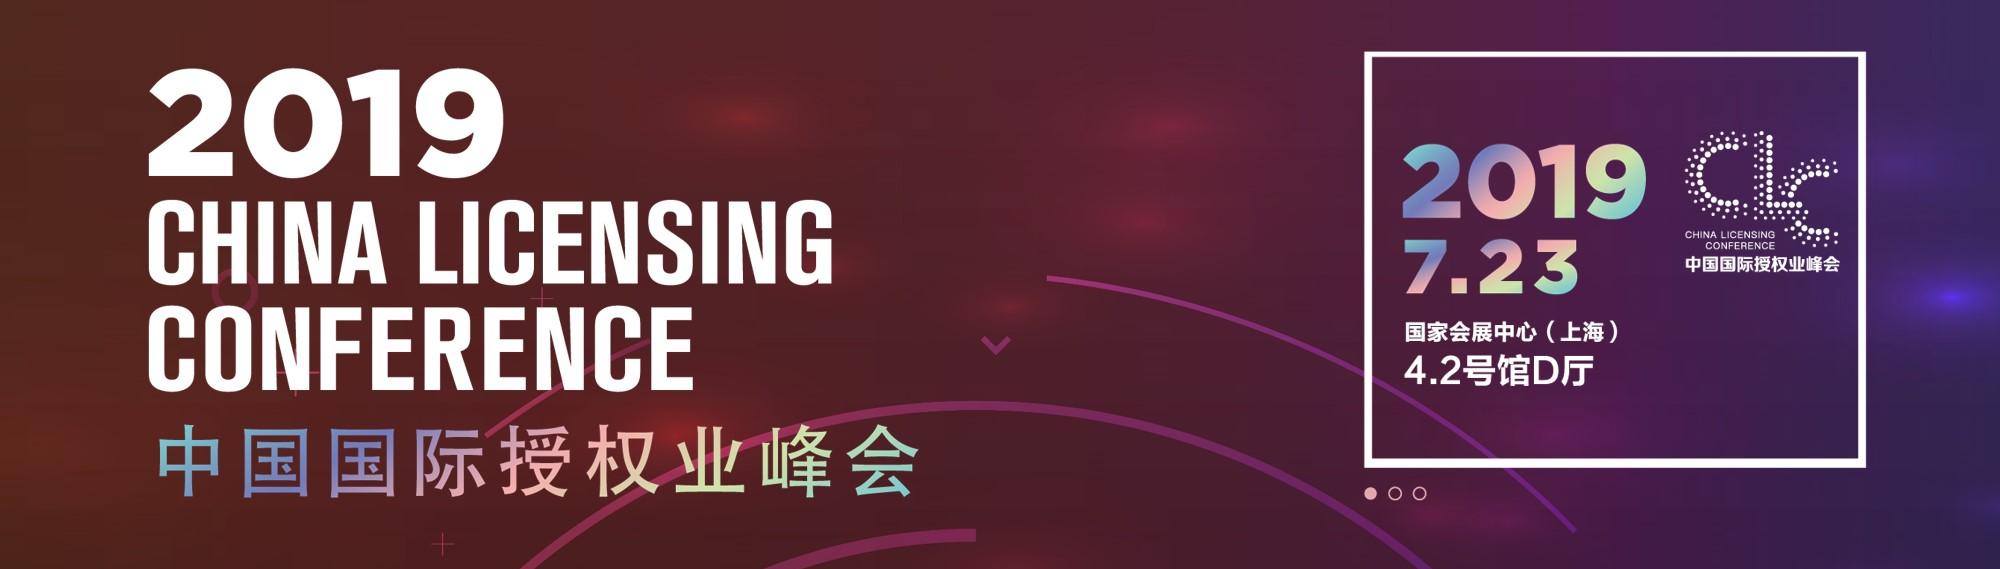 2019中国国际授权业峰会盛大开幕 大咖齐聚热议全球授权新趋势